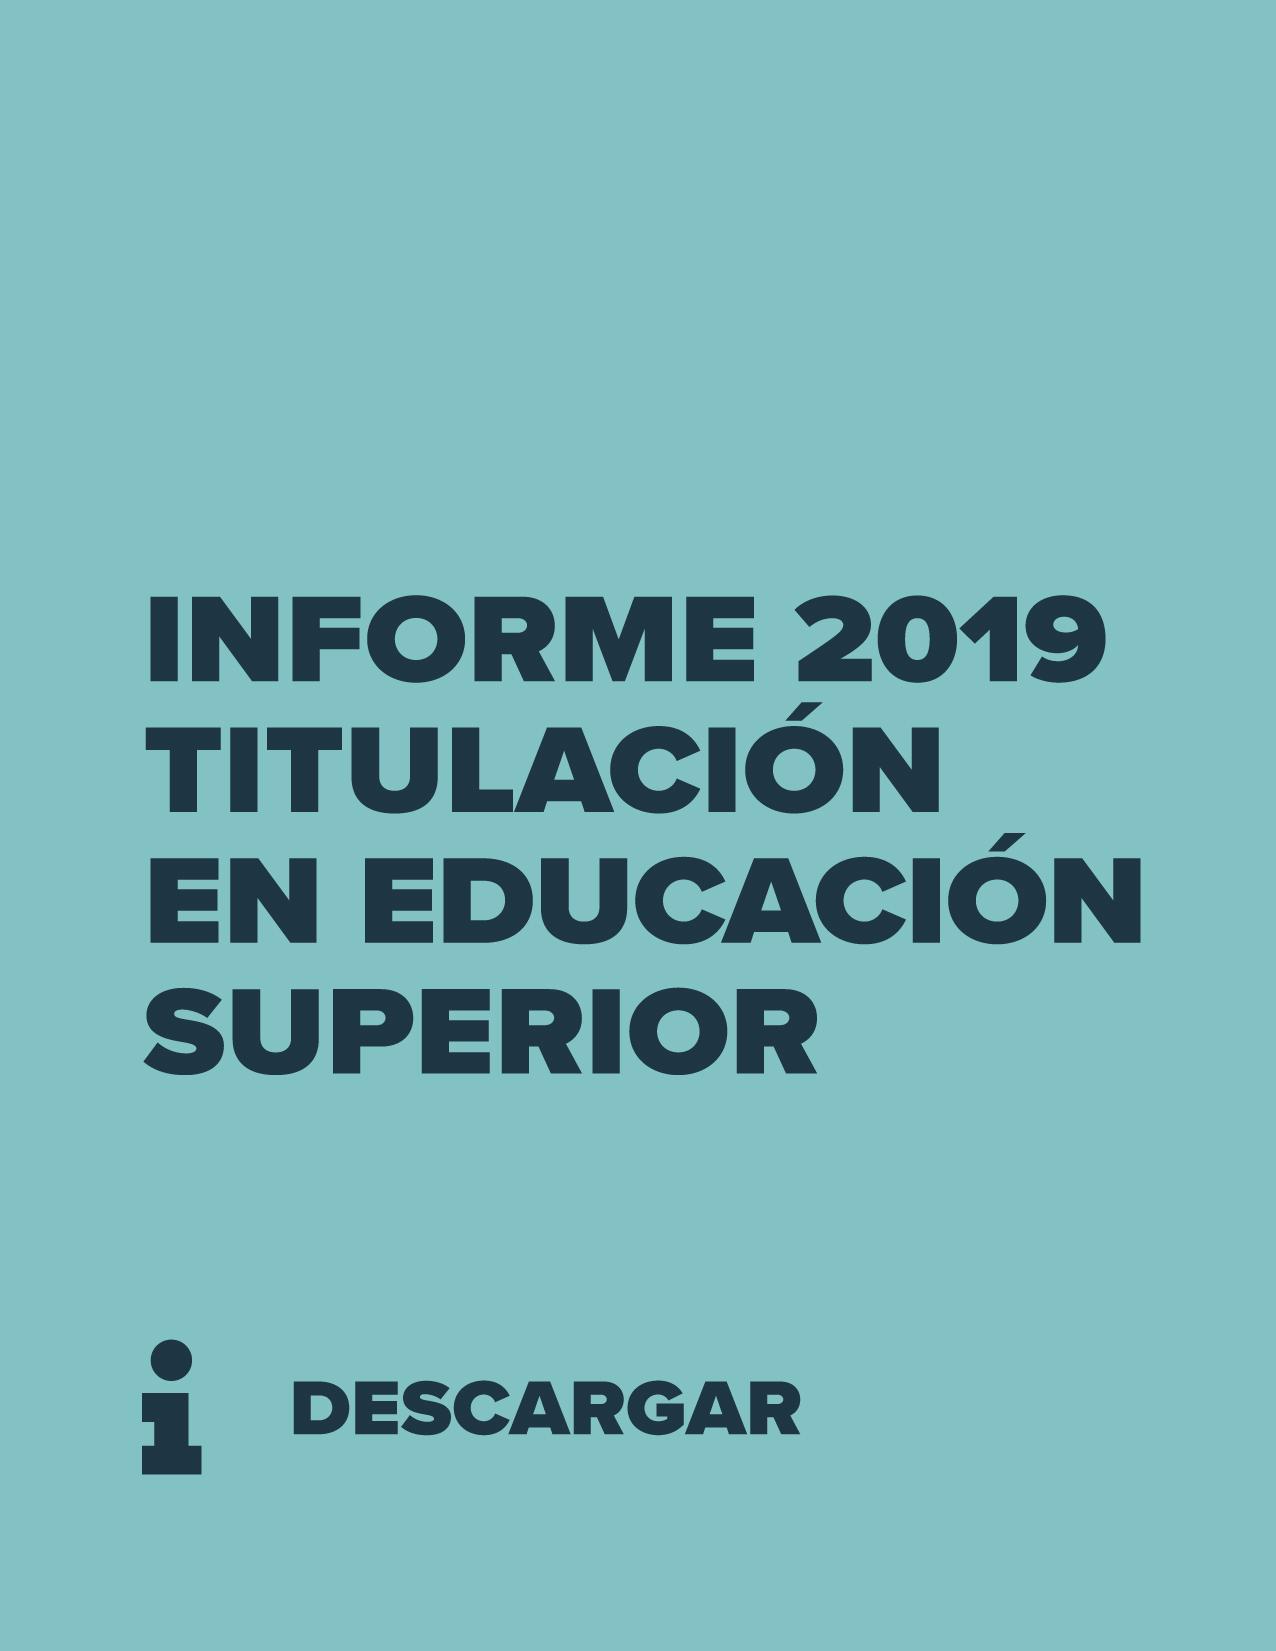 Informe de Titulación en Educación Superior en Chile | 2019